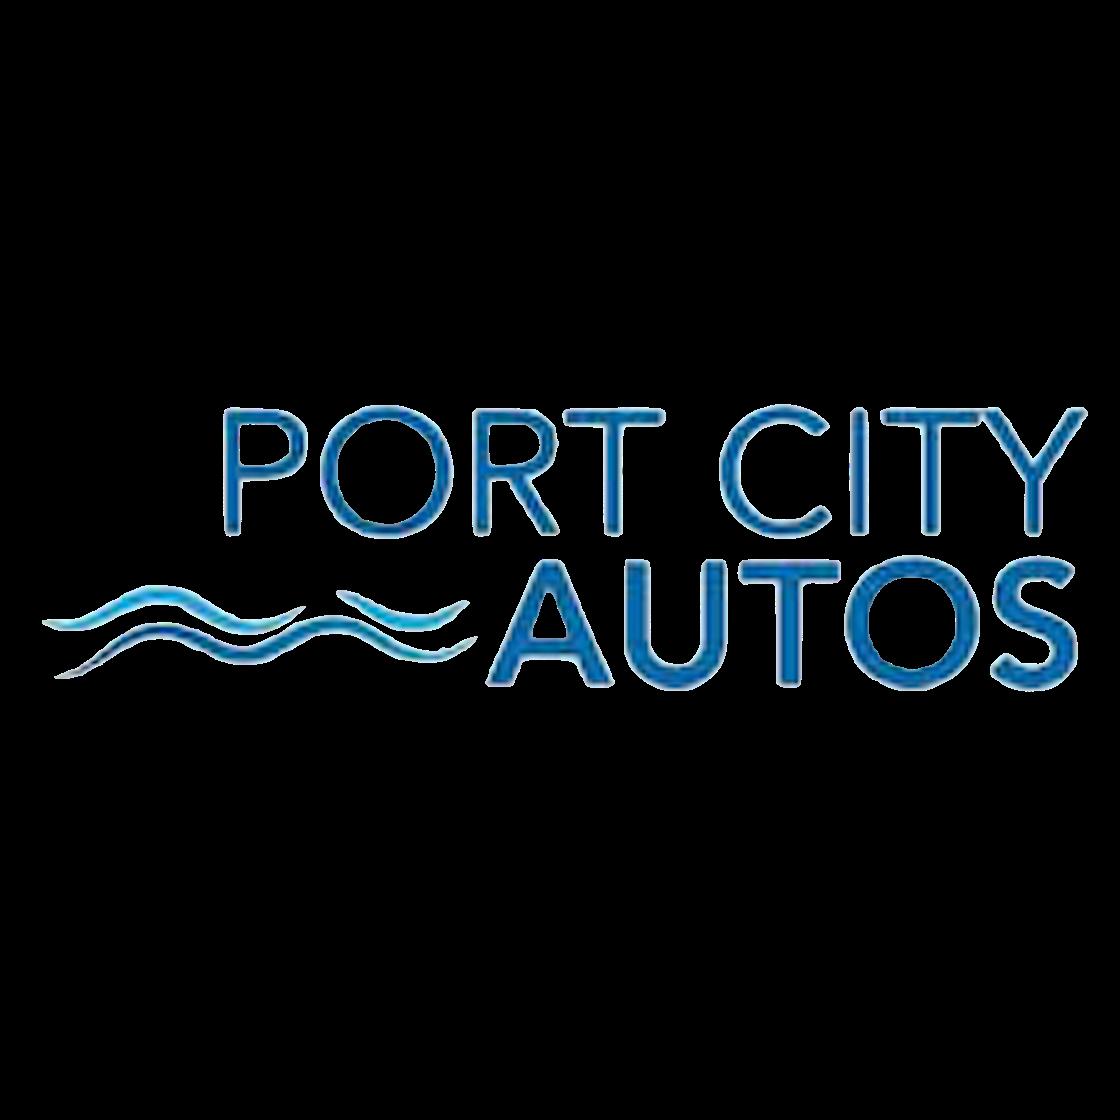 Port City Autos Sponsor